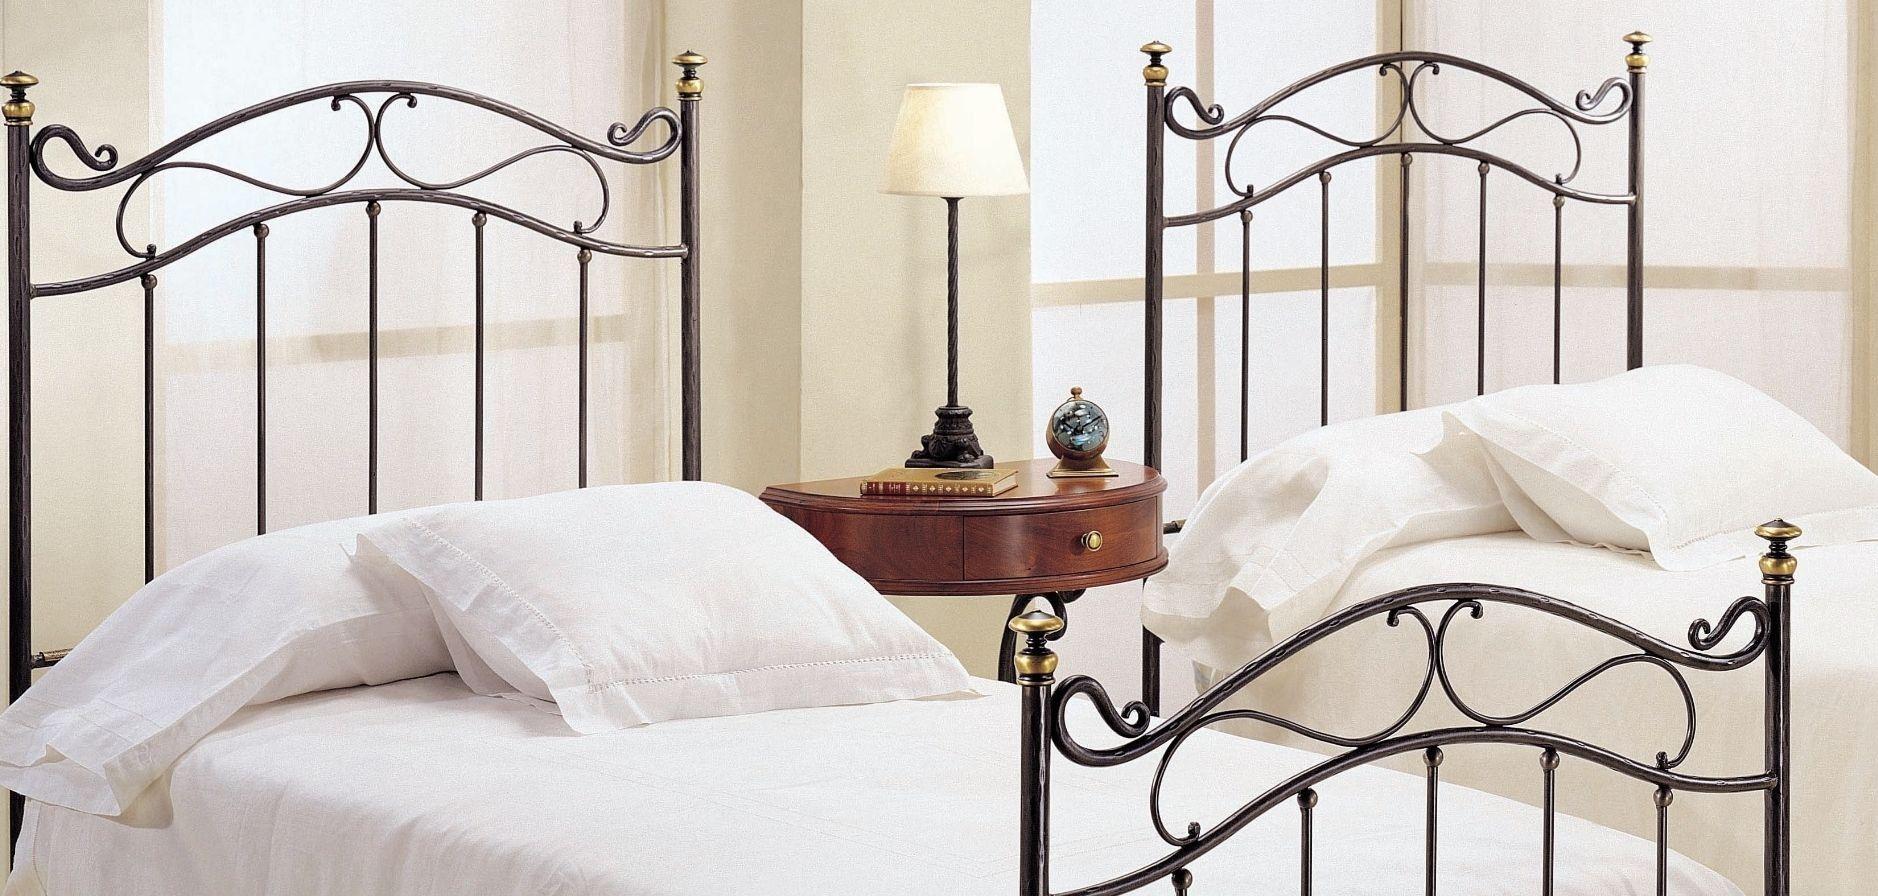 Cama de Forja Esquel en Ámbar-Muebles.com, tu tienda de muebles ...